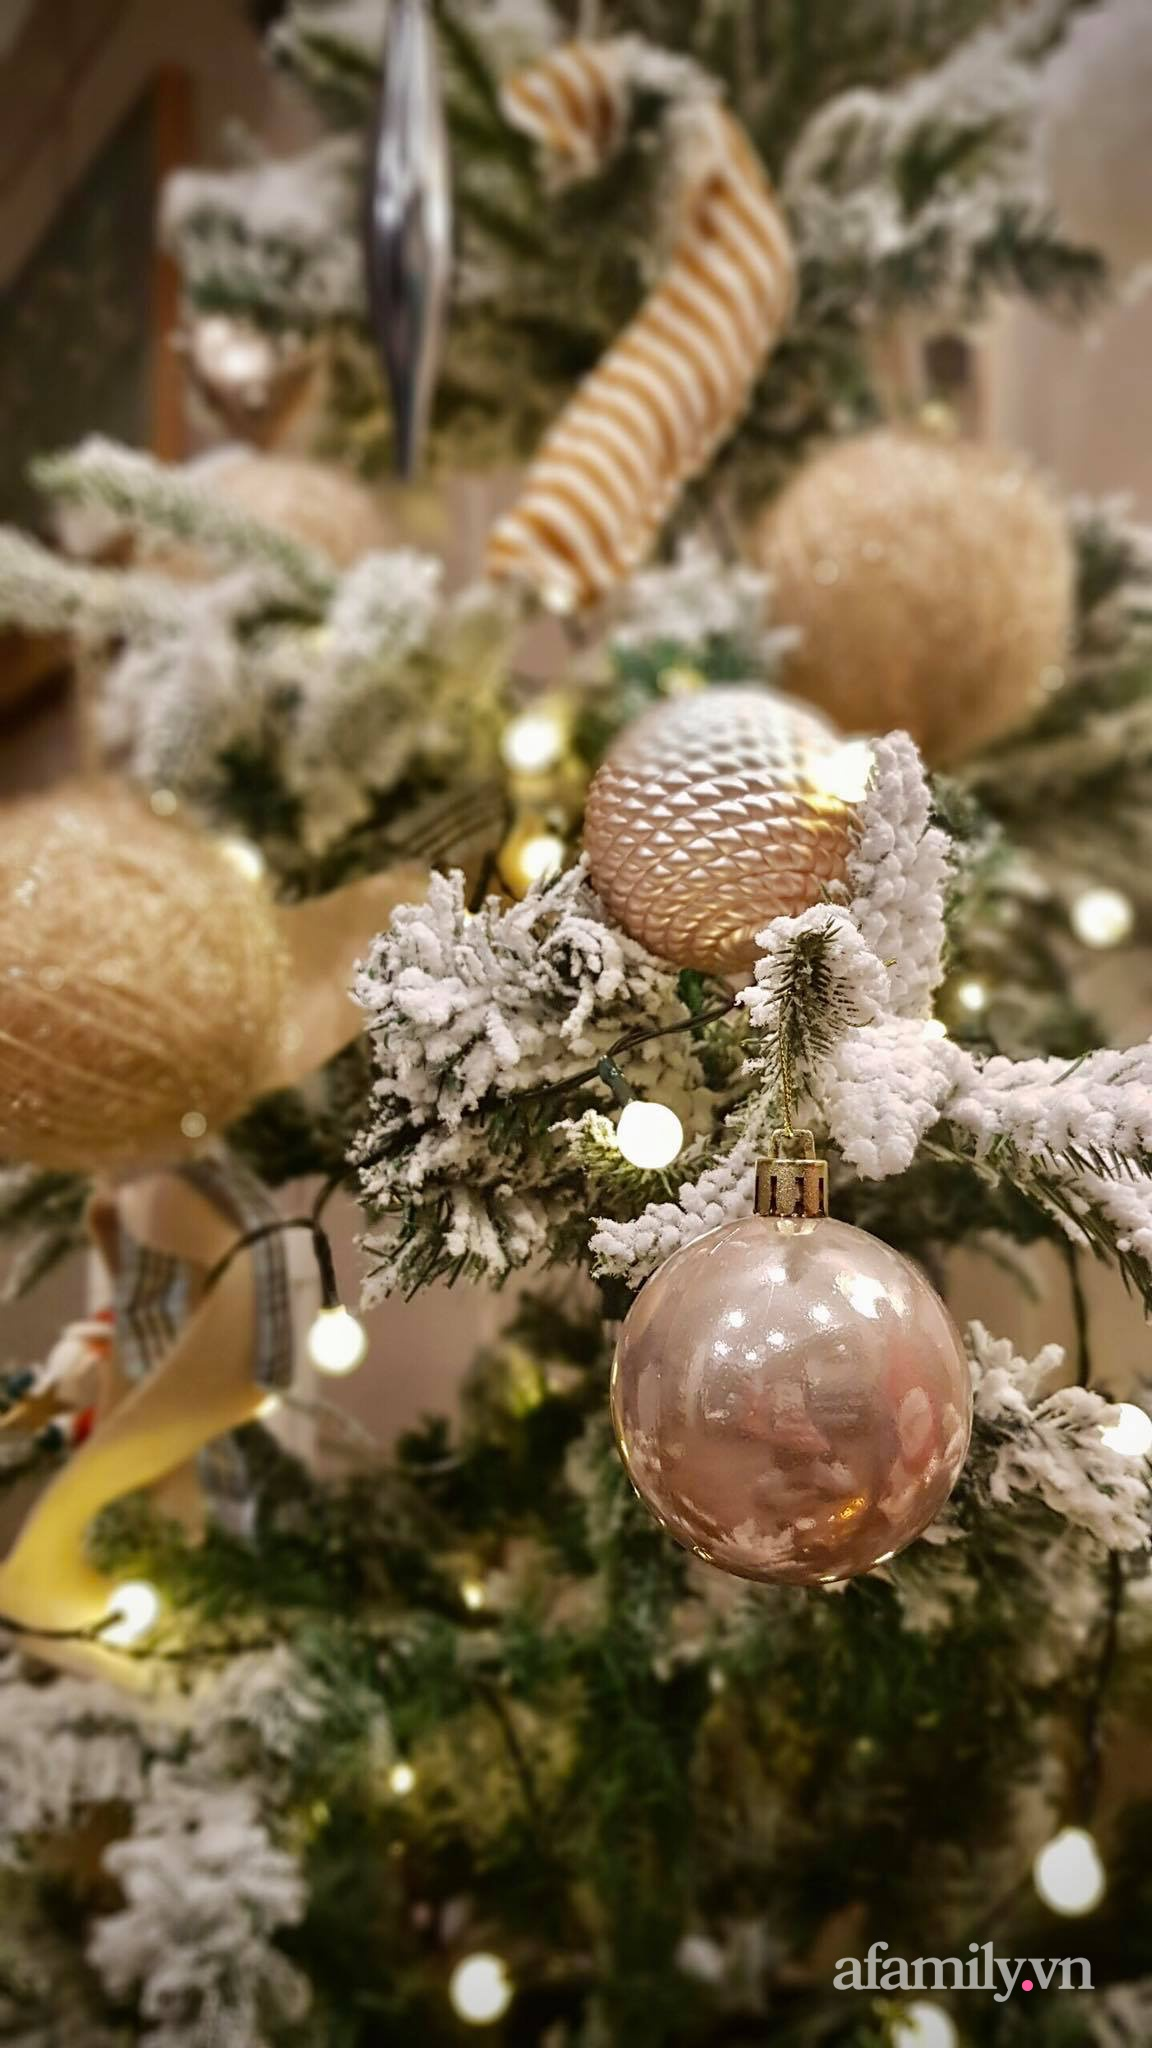 """Căn hộ """"thắp sáng"""" những sắc màu giúp từng góc nhỏ thêm ấm cúng đón Giáng sinh ở Hà Nội - Ảnh 9."""